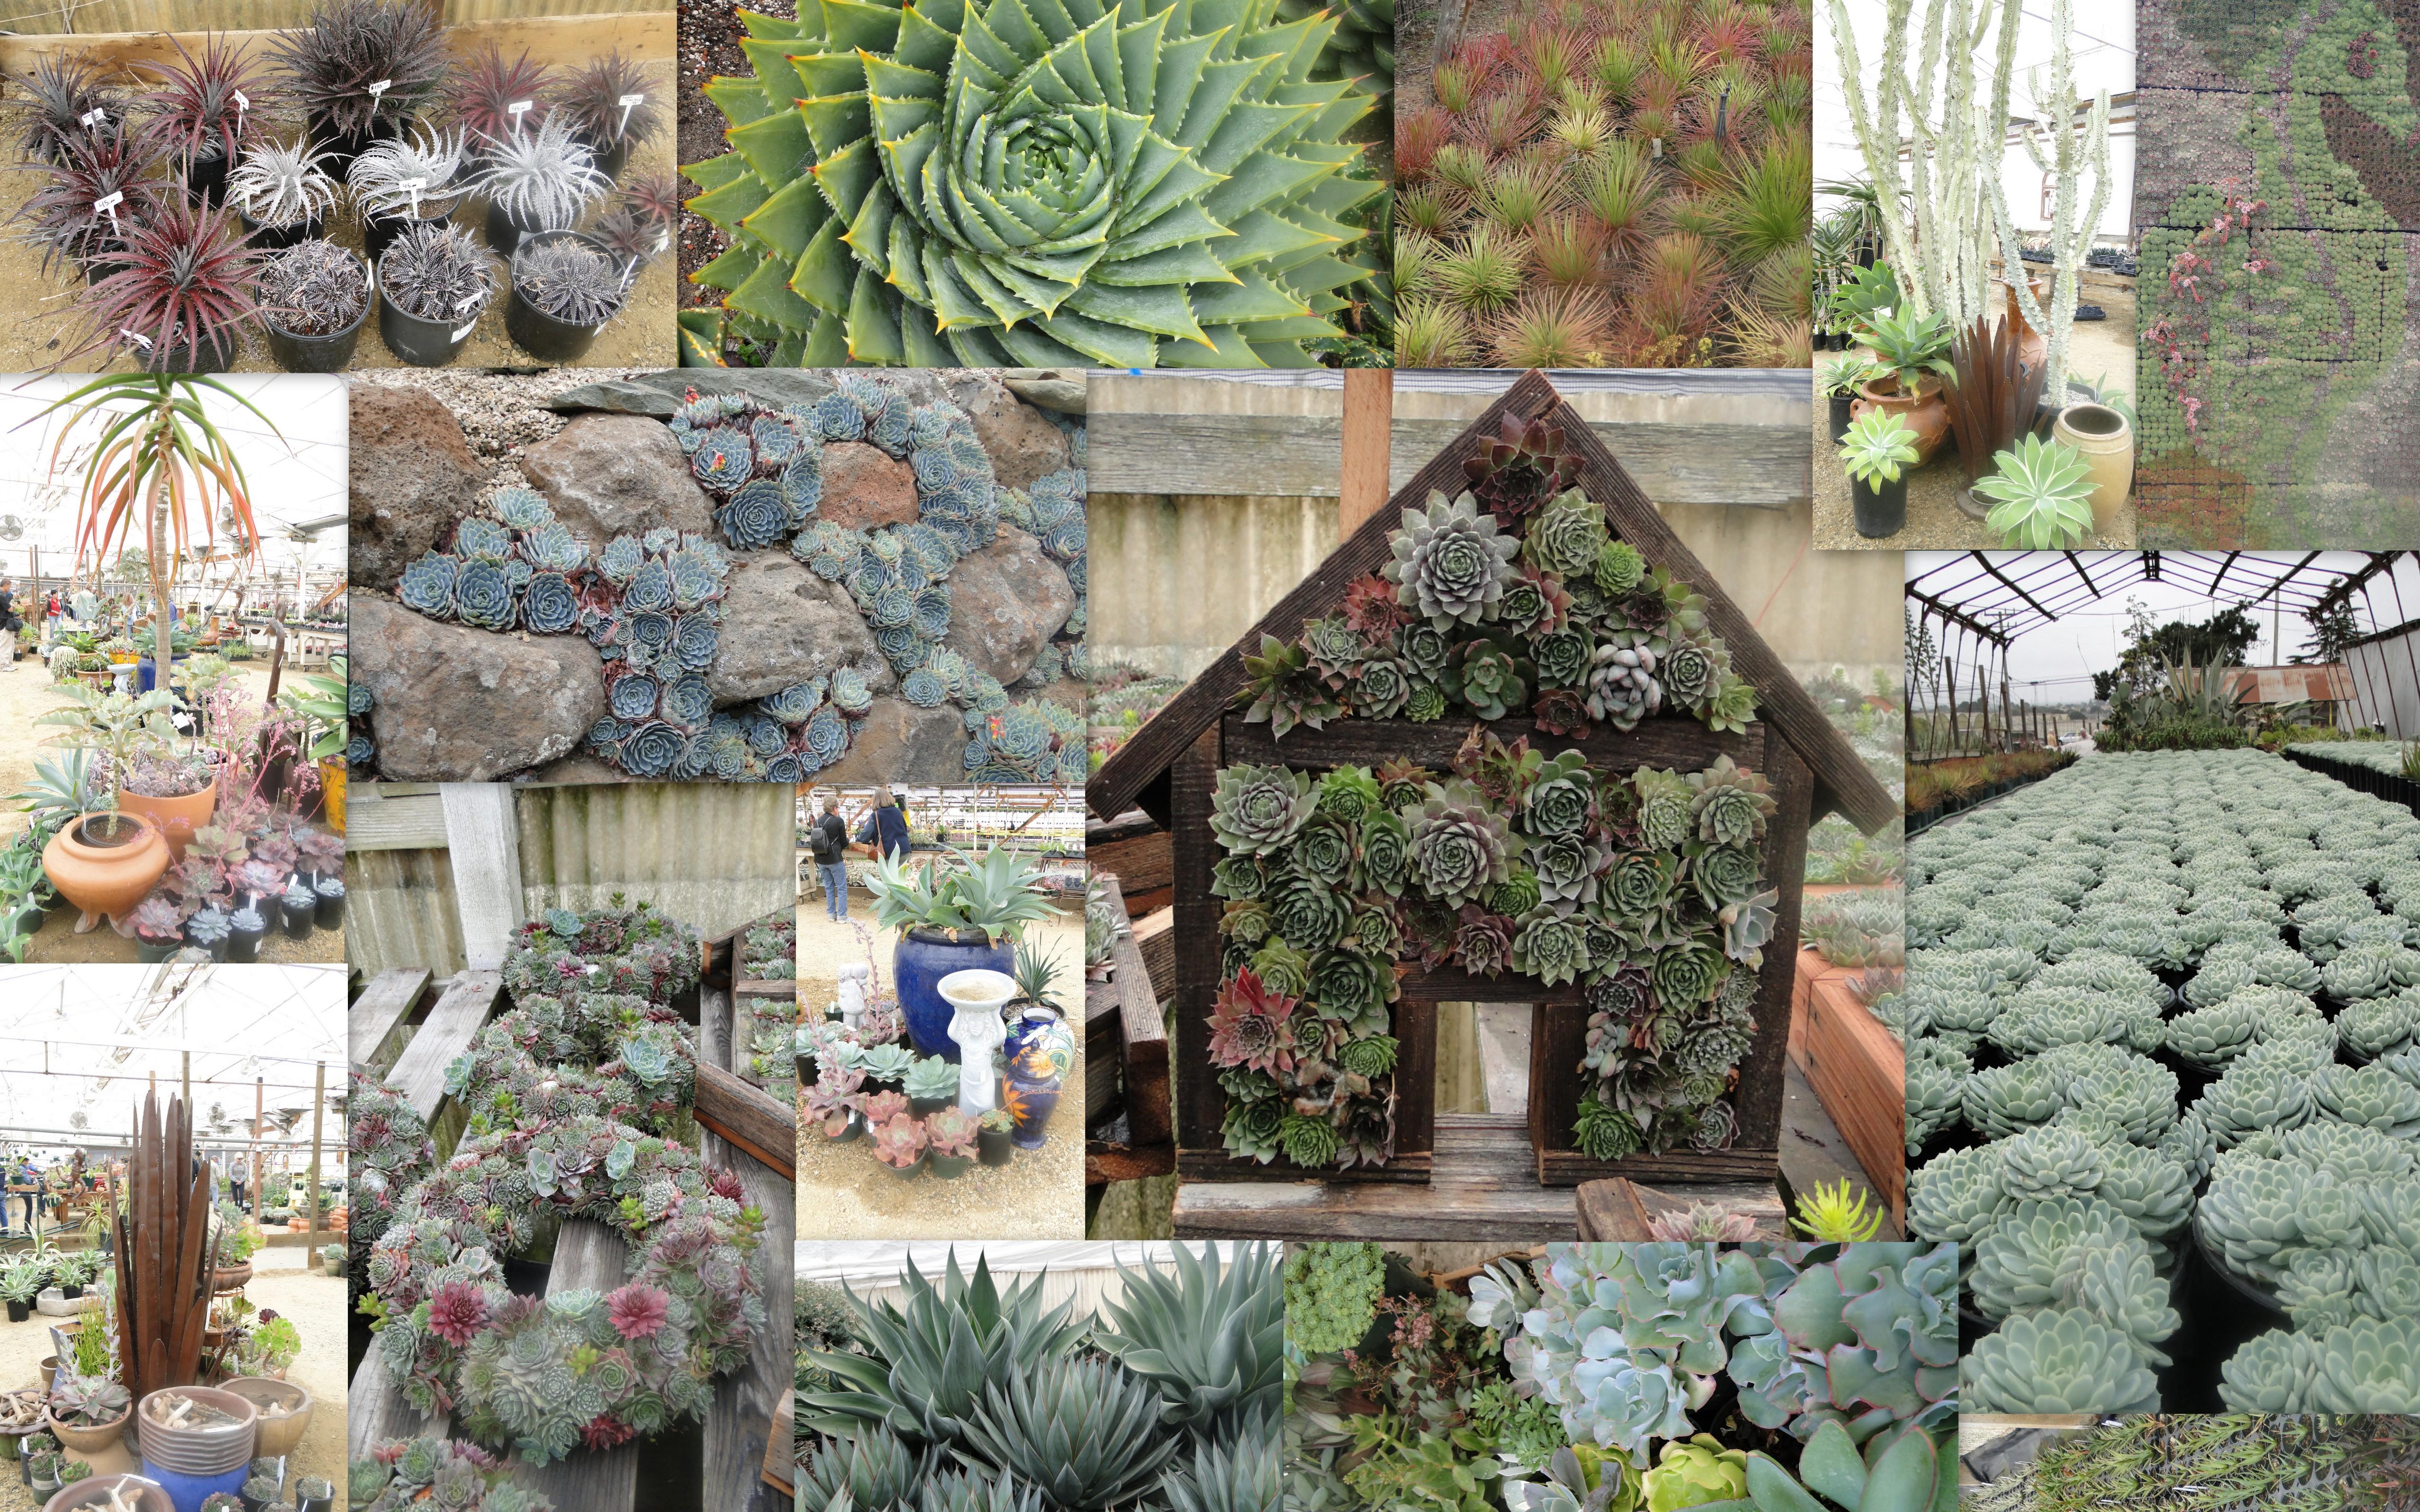 Succulent Garden Design 251 best gardens with succulents images on pinterest Succulent Garden Extravaganza